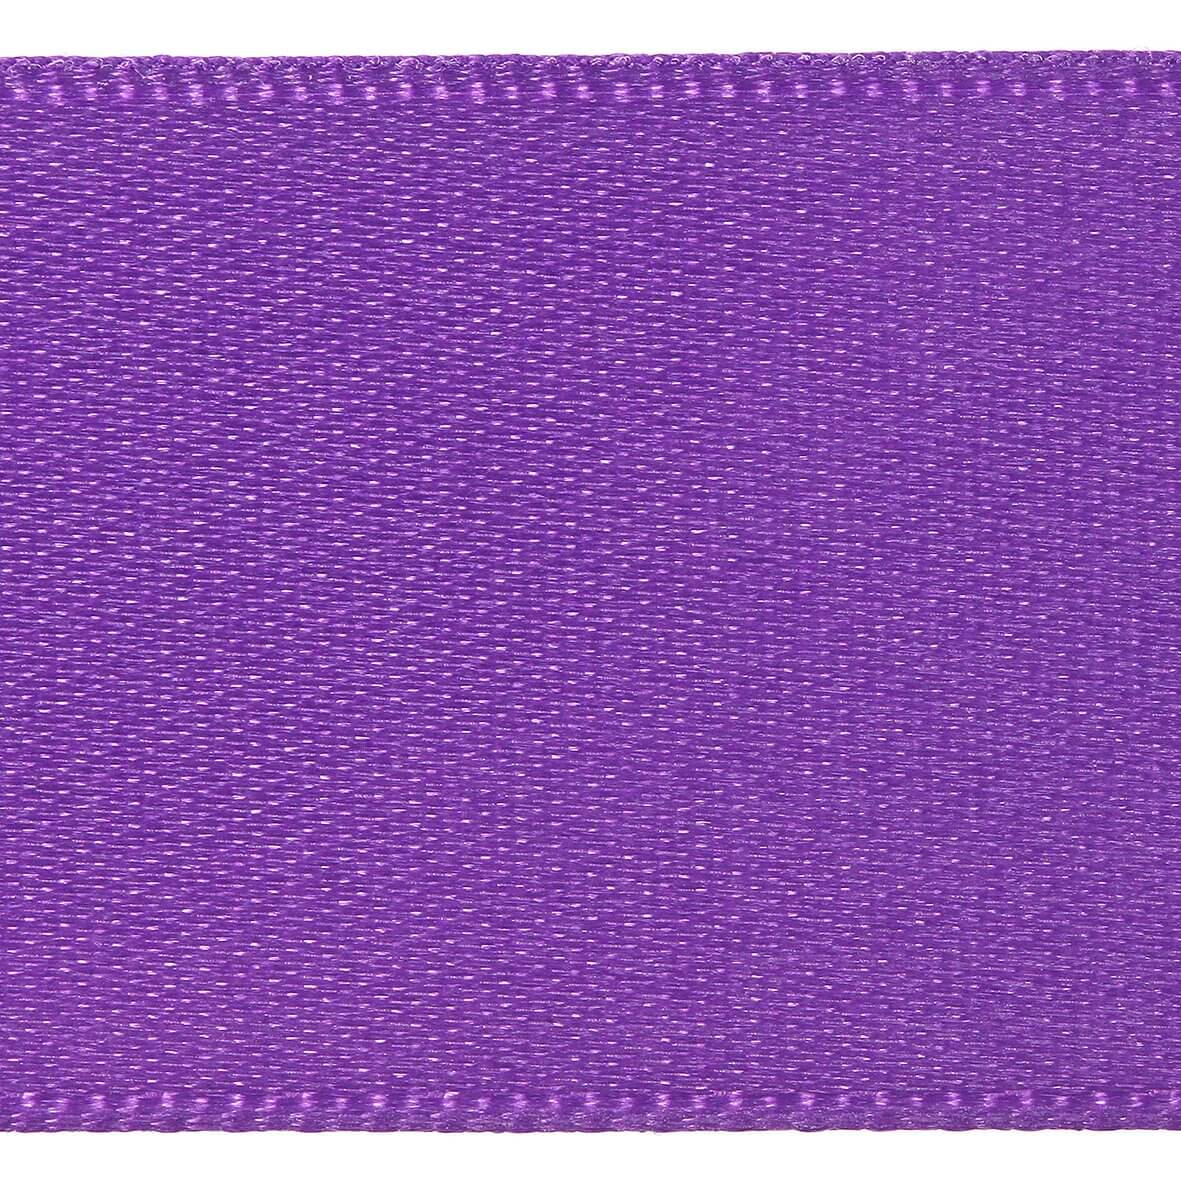 7mm Berisfords Satin Ribbon - Purple Colour 19